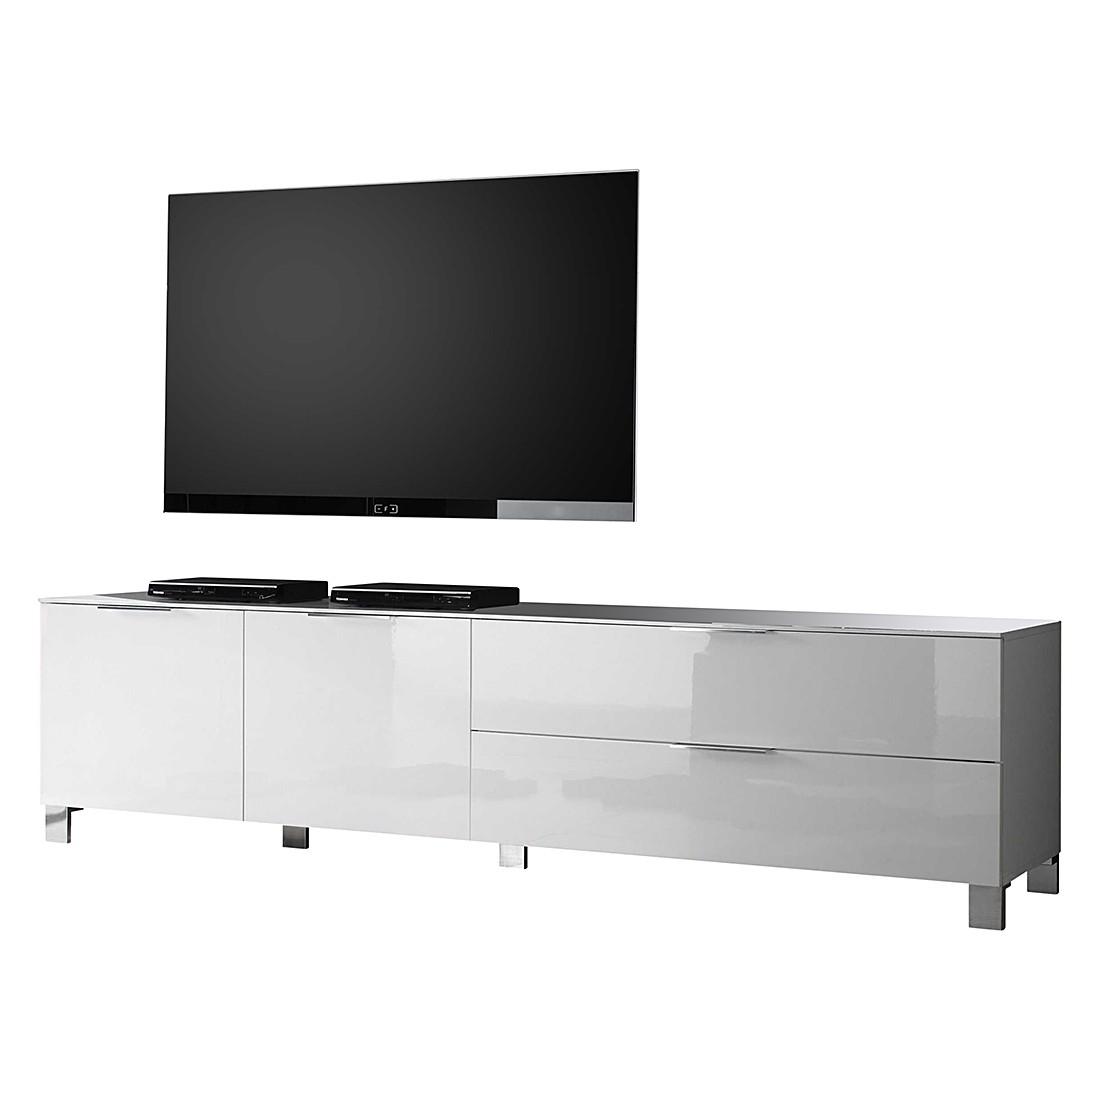 kommode sibilla hochglanz wei lc mobili m bel preiswert online kaufen vergleichen. Black Bedroom Furniture Sets. Home Design Ideas